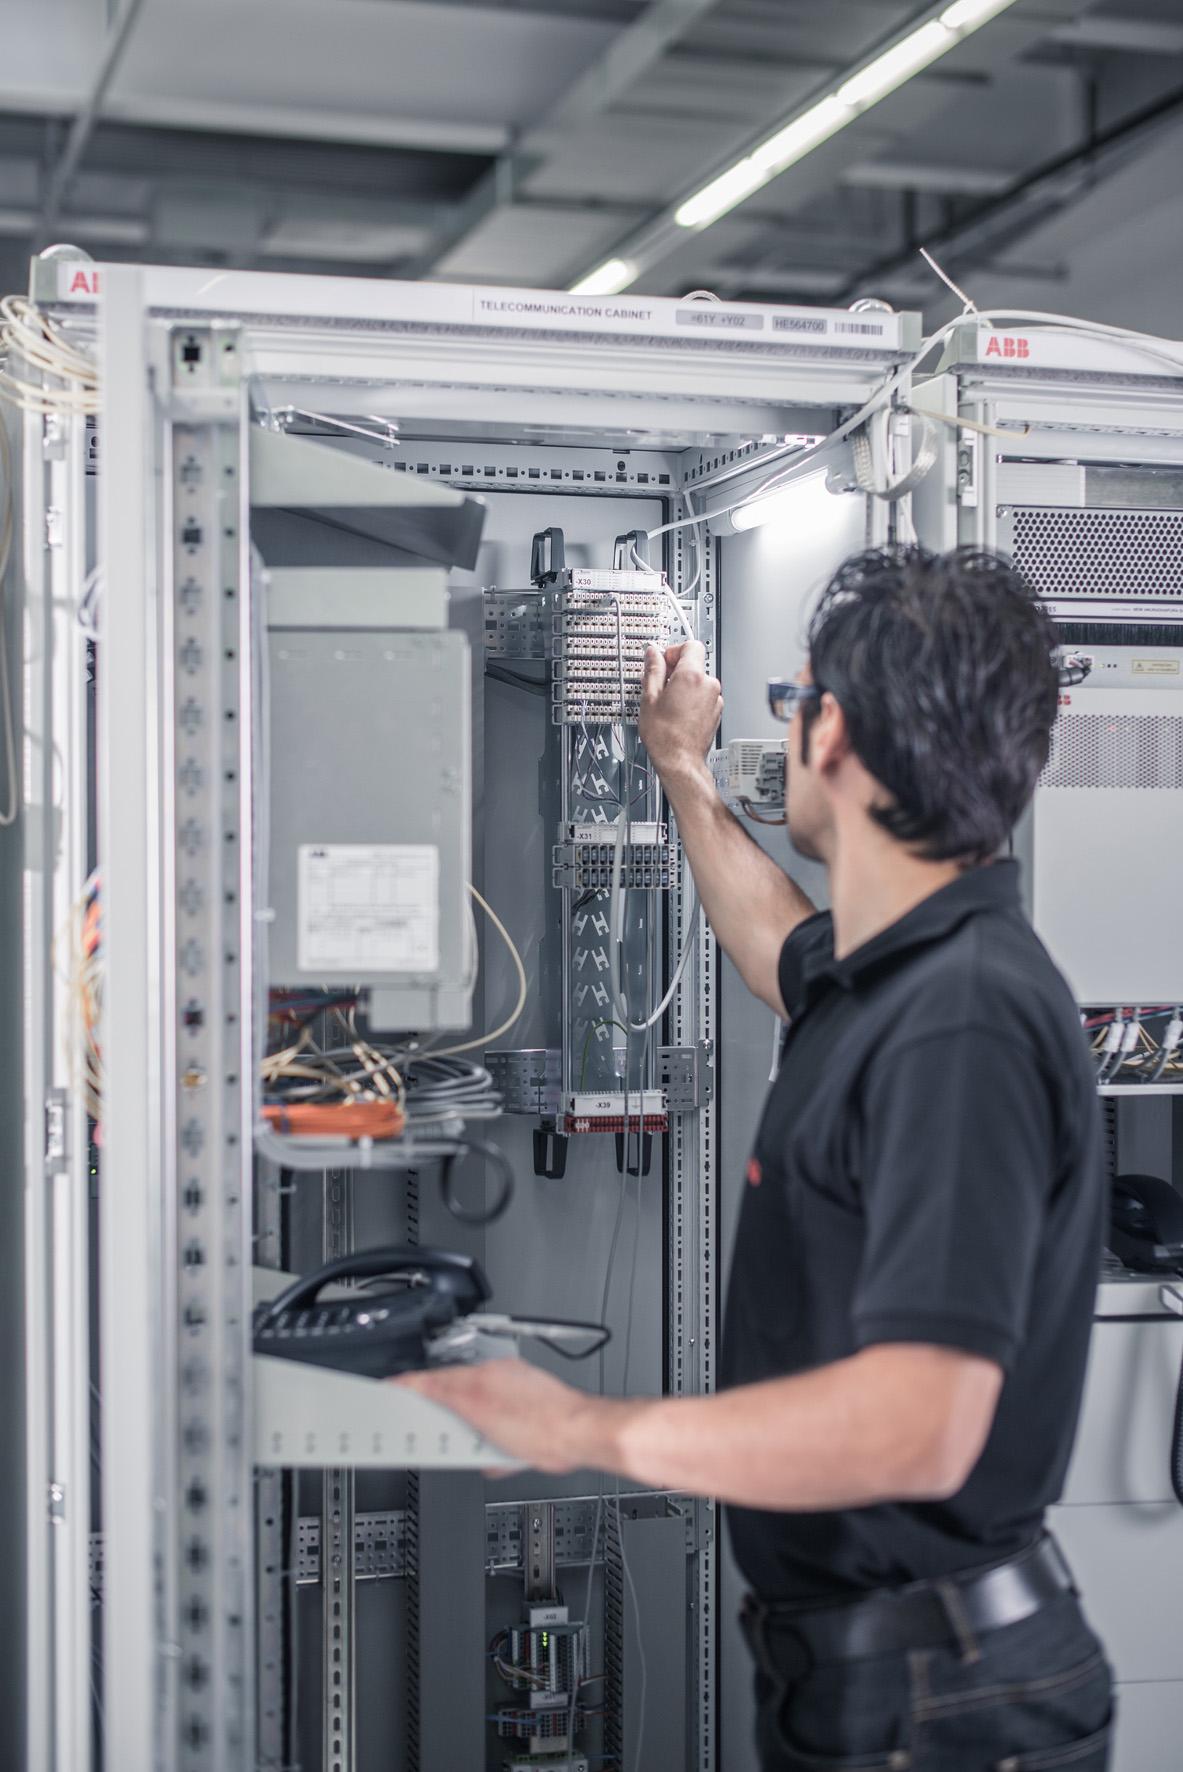 ABB kauft Geschäftsfeld Kommunikationsnetze von Keymile